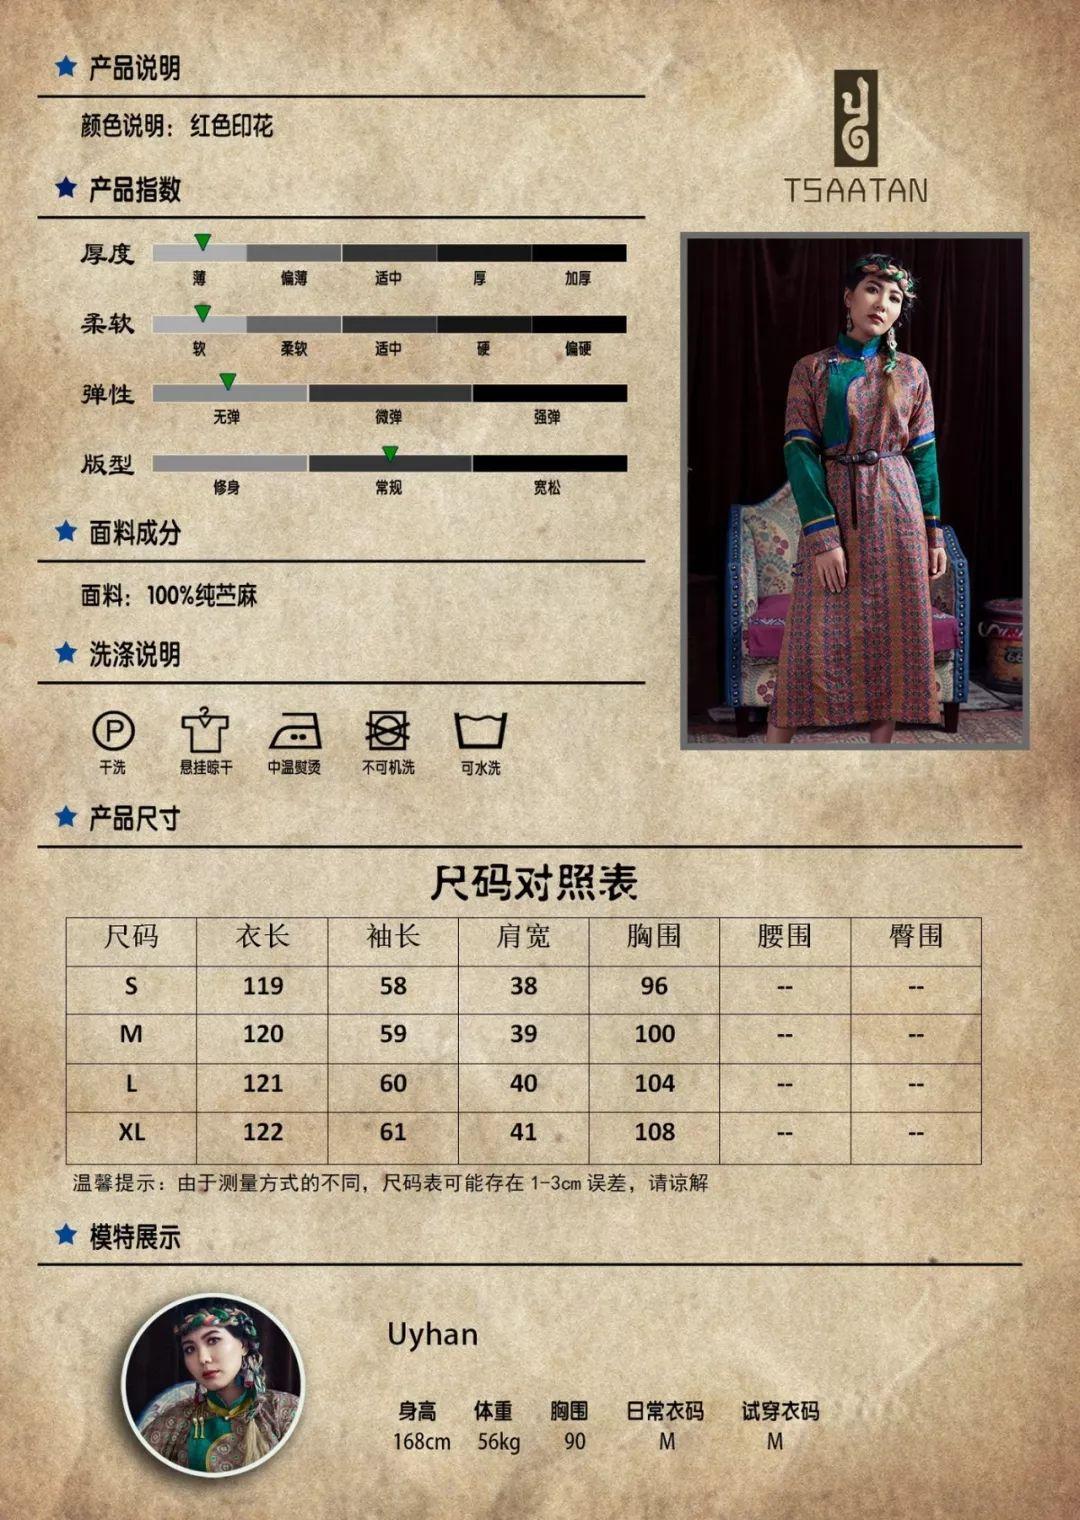 TSAATAN蒙古时装 2019新款,来自驯鹿人的独特魅力! 第98张 TSAATAN蒙古时装 2019新款,来自驯鹿人的独特魅力! 蒙古服饰